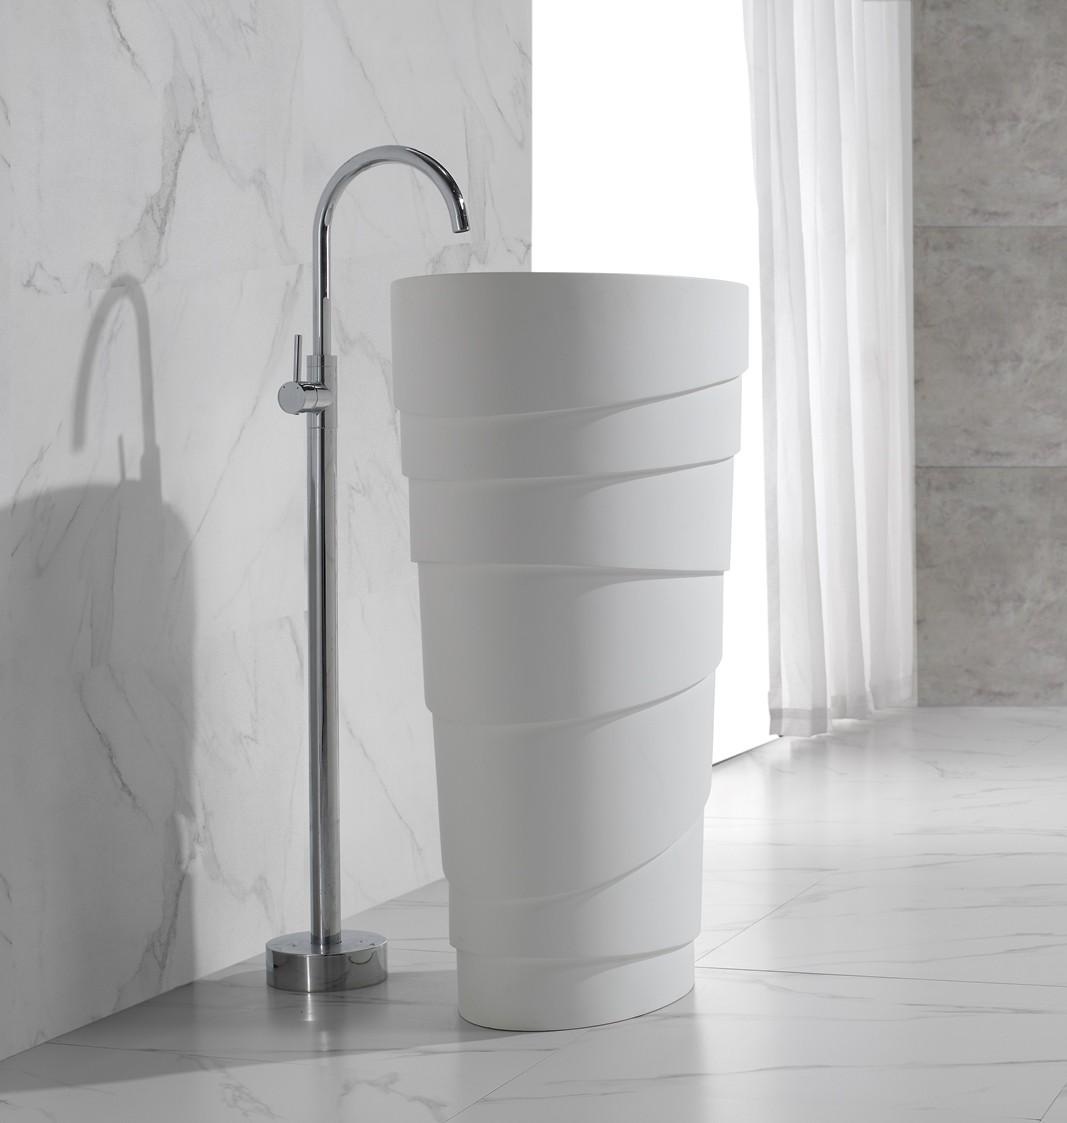 flow freistehende armatur f r waschs ulen waschtisch waschbecken ebay. Black Bedroom Furniture Sets. Home Design Ideas